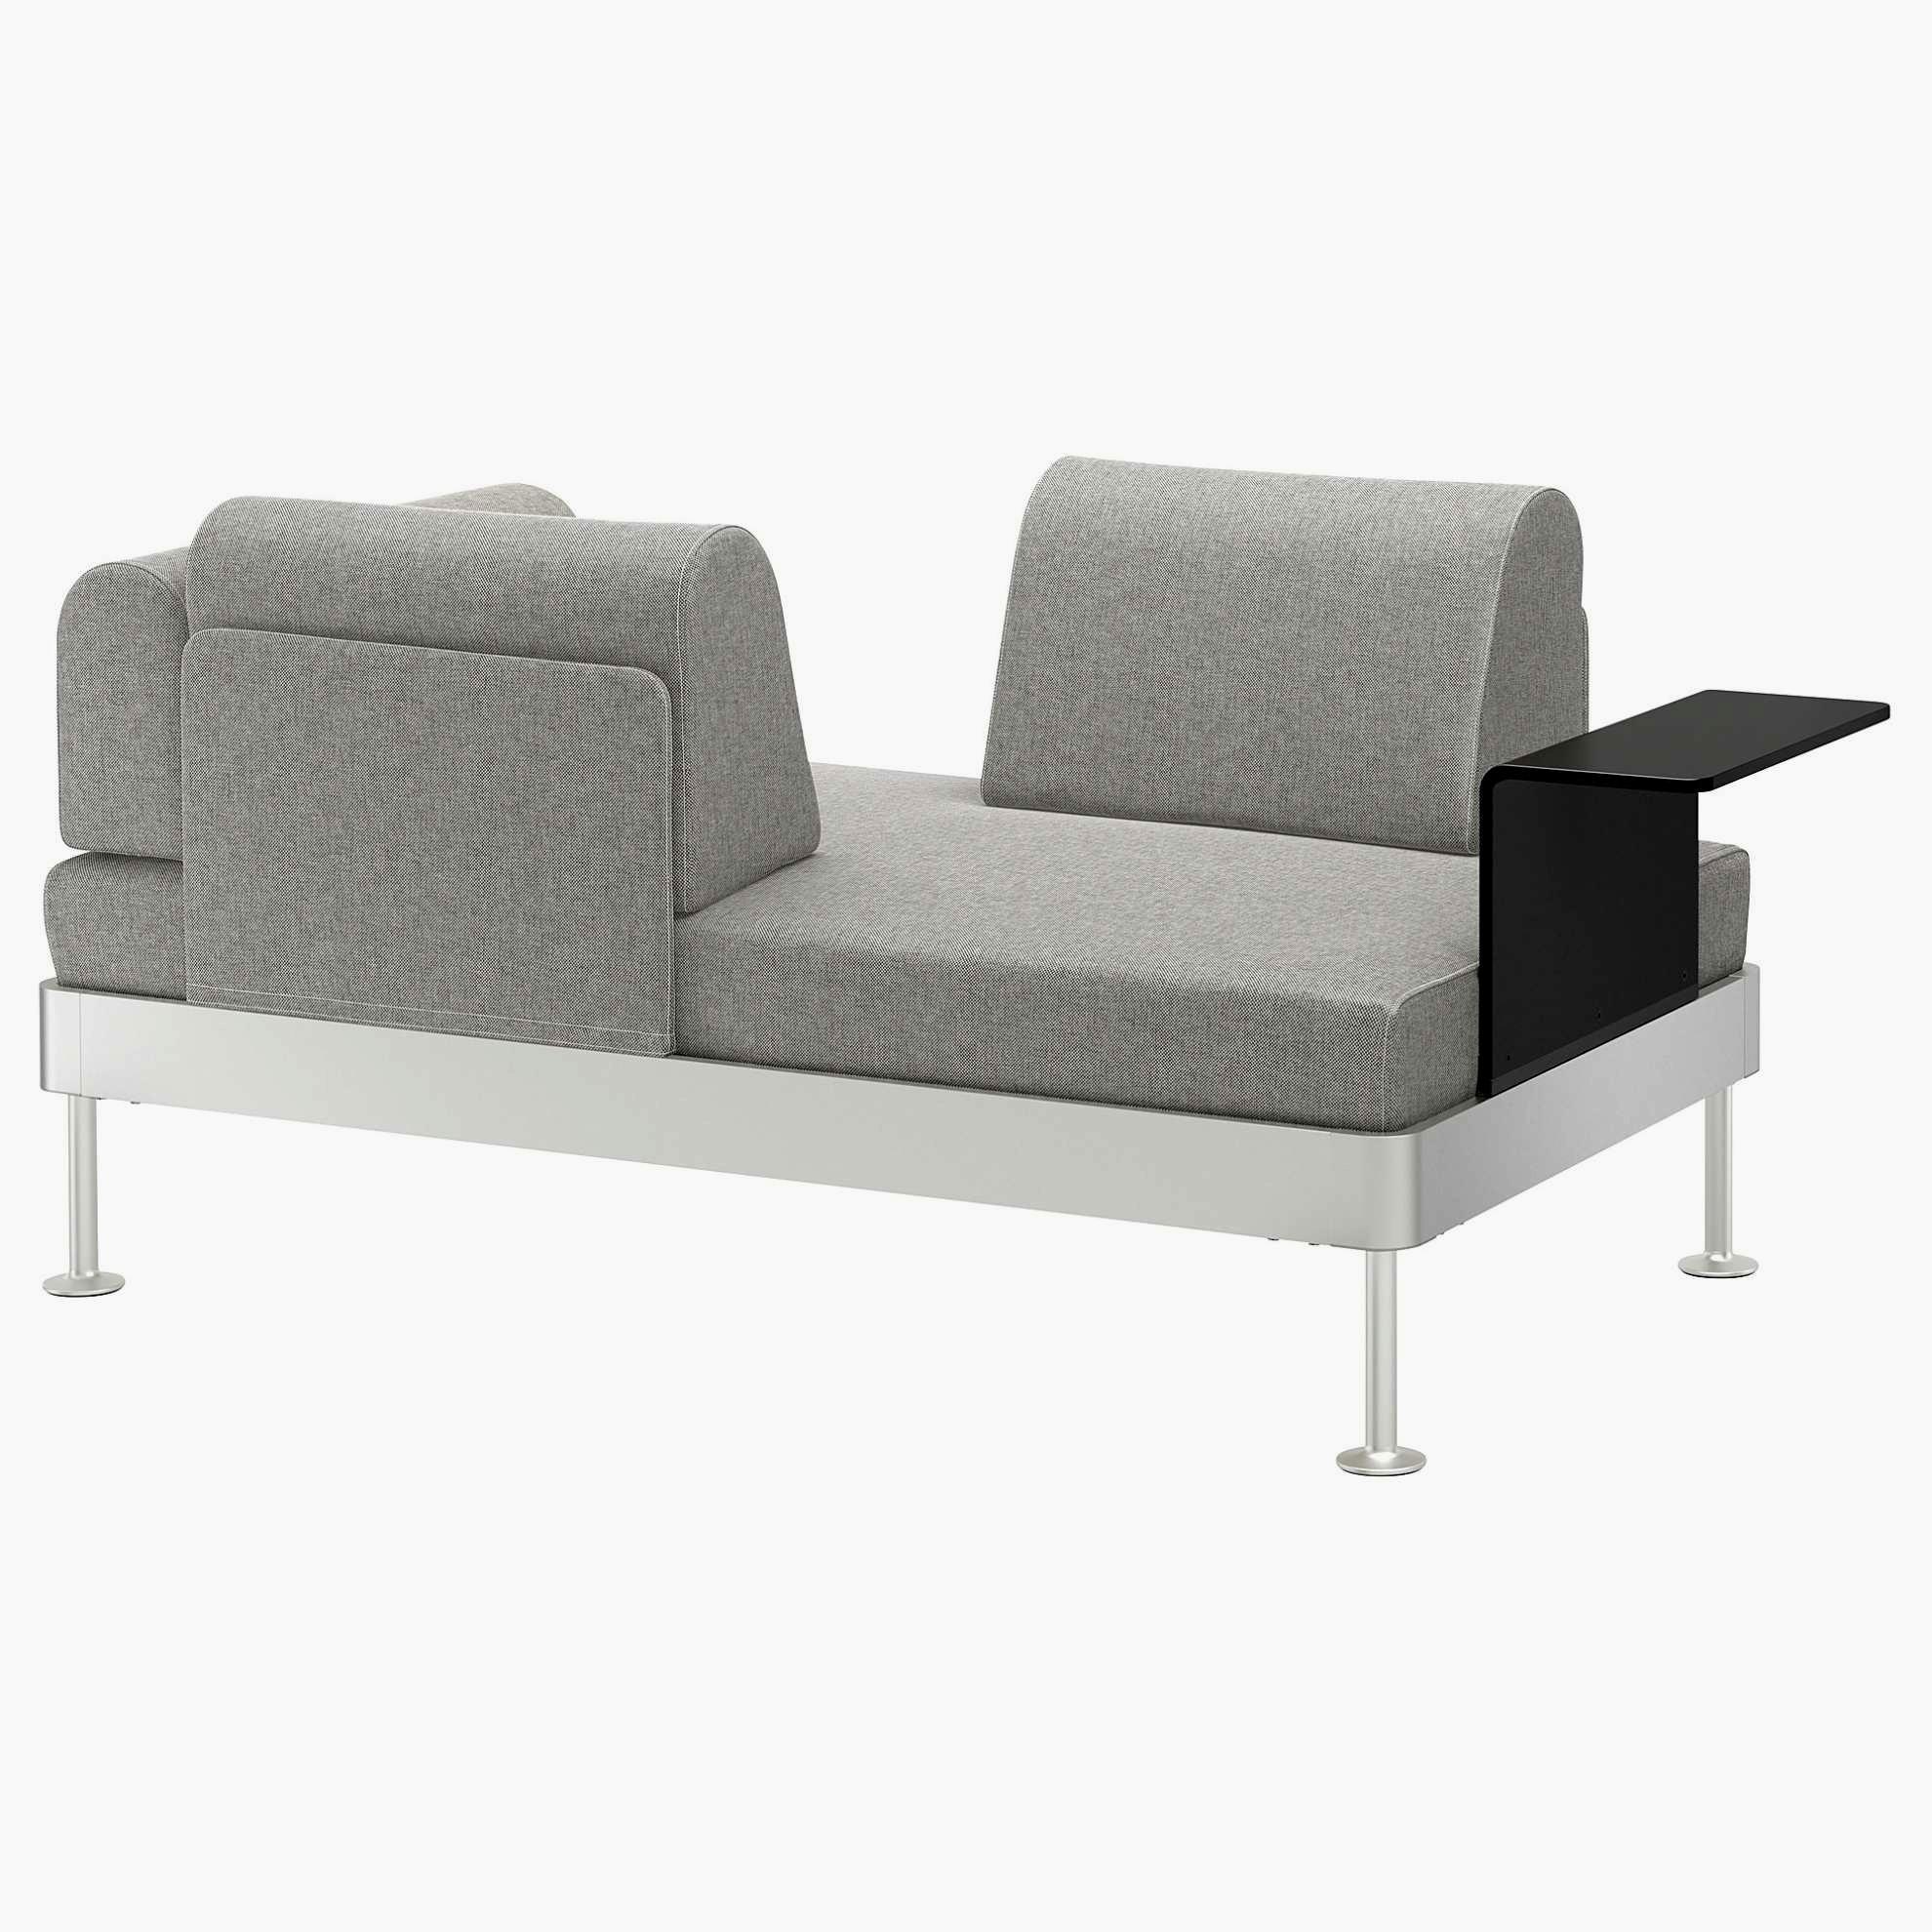 Zweisitzer Sofa Ikea  Fantastisch Zweisitzer Sofa Ikea Wunderbar Badezimmermobel